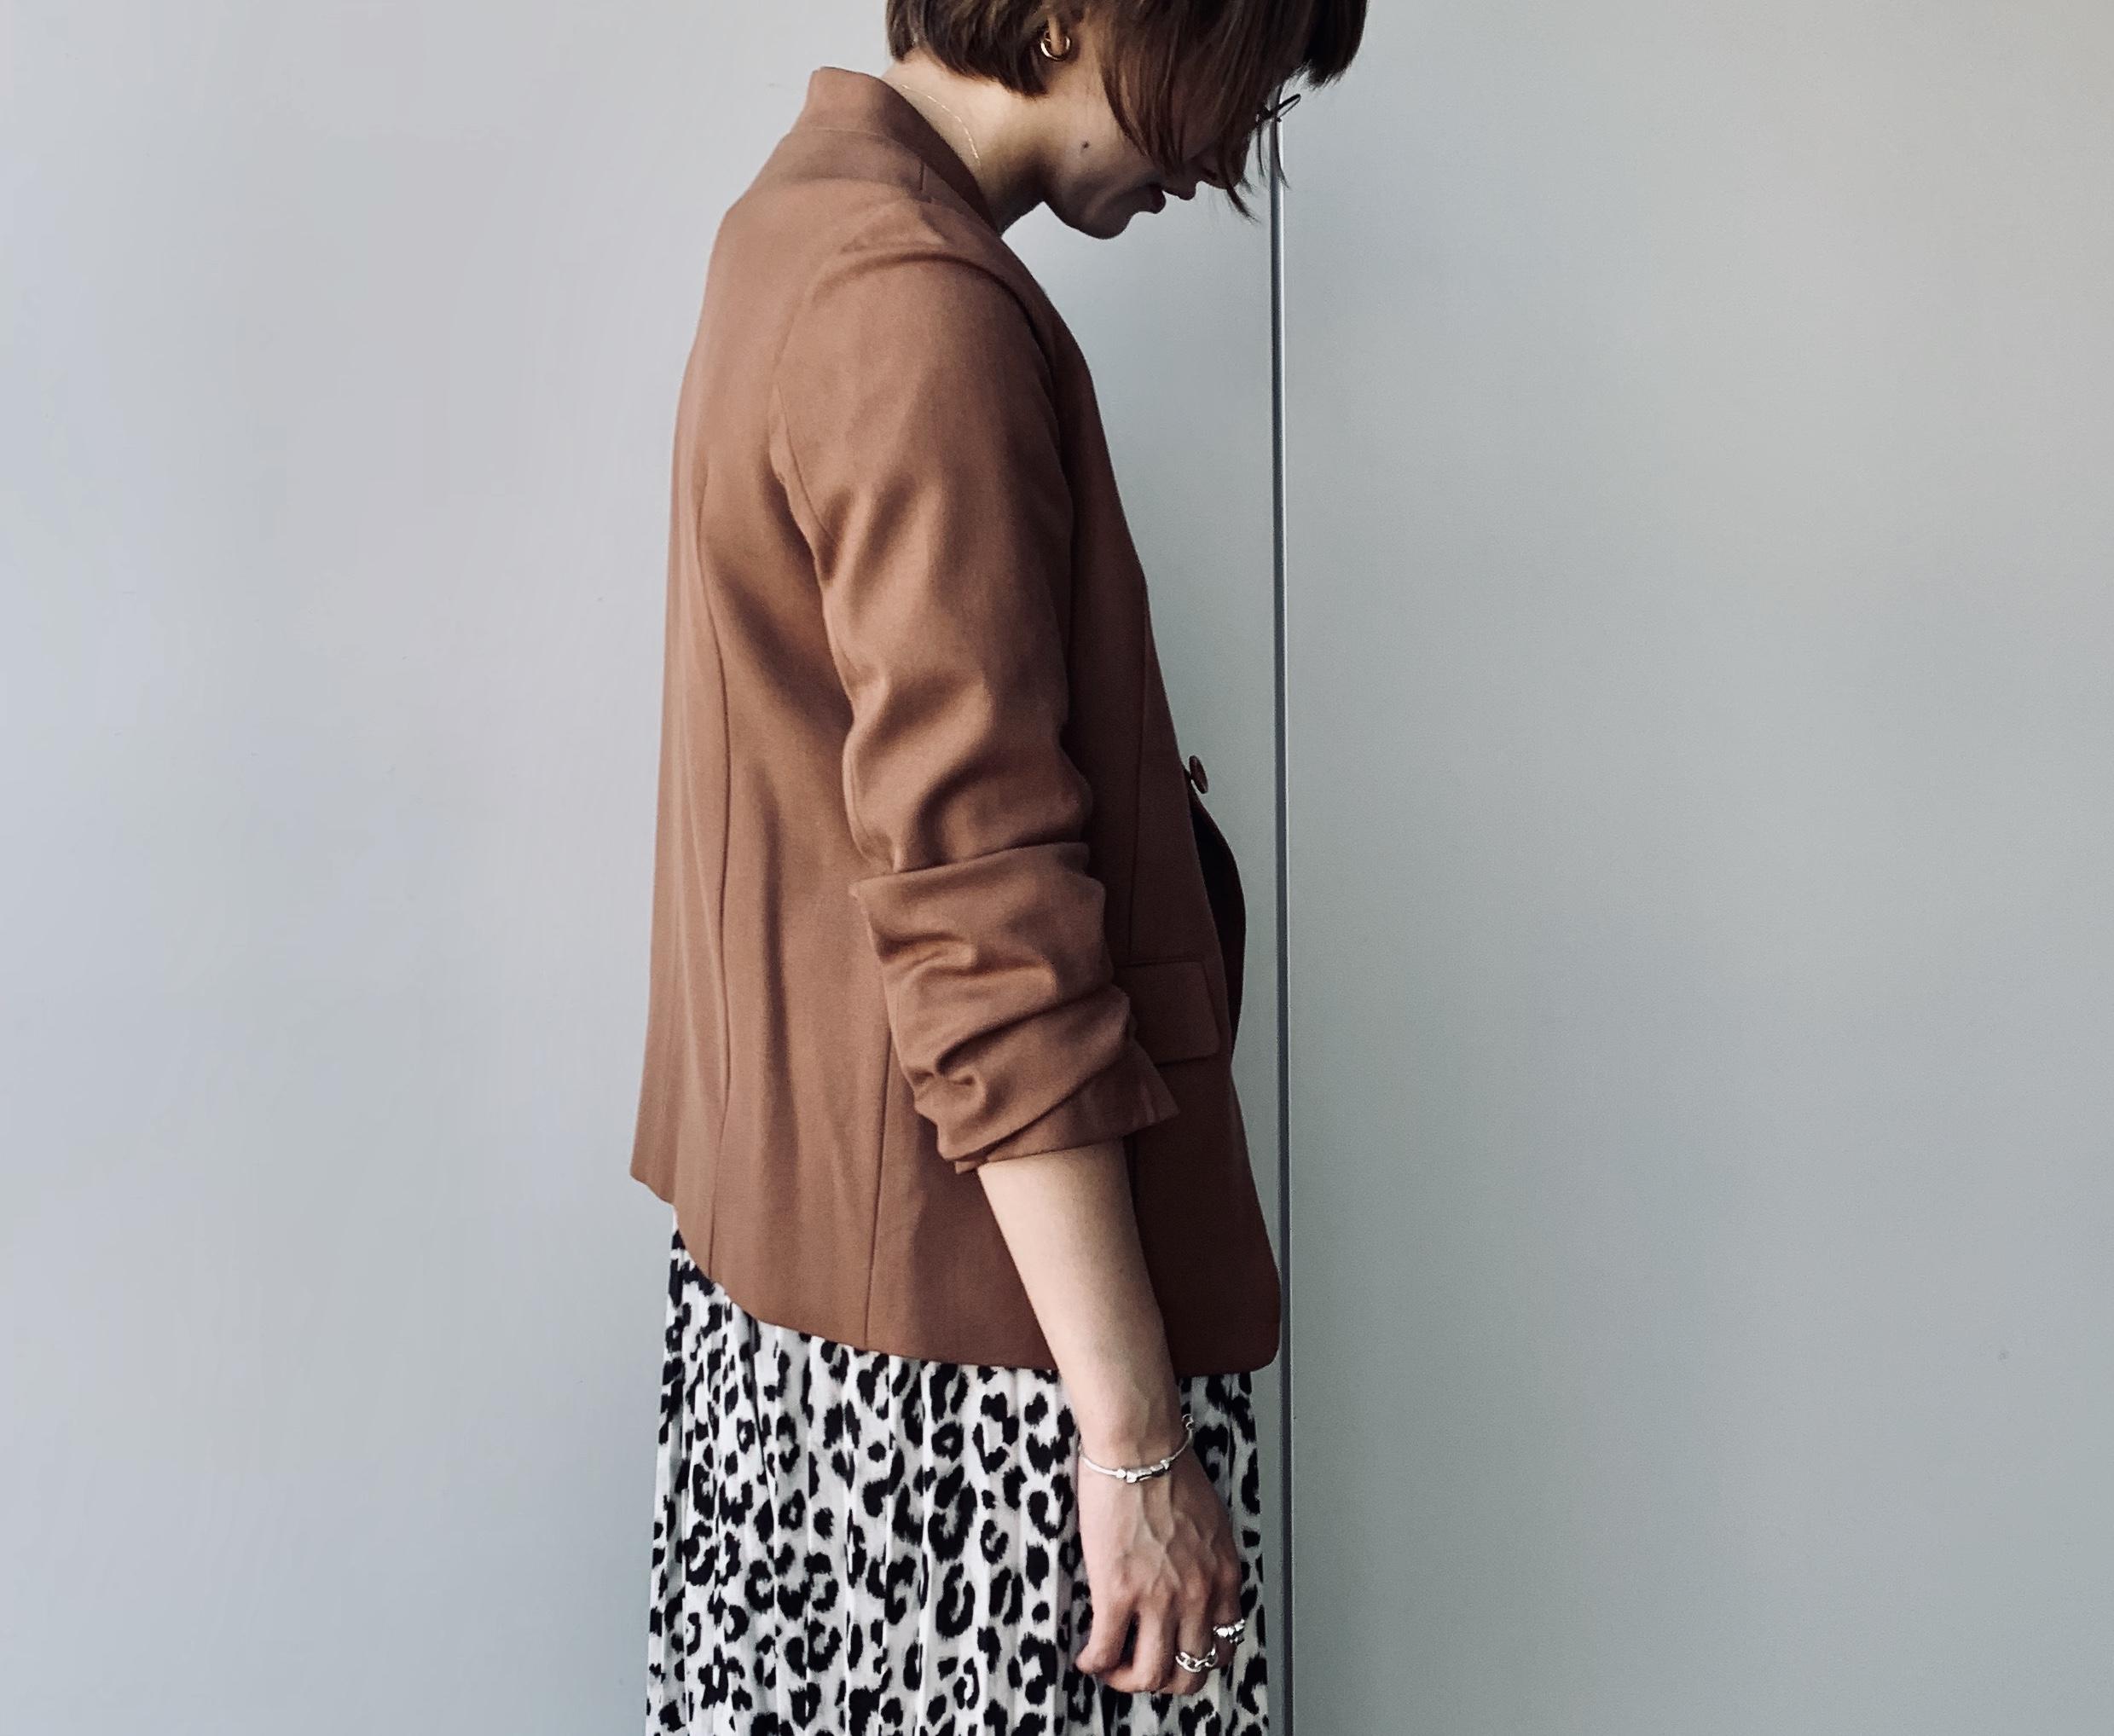 Haru's ami ハルズアミ ScrapBook スクラップブック 有楽町 有楽町マルイ 可愛い 茶色 黒 brown black 日本製 日本ブランド 福岡 ノーカラージャケット テーラードジャケット 着やすい シンプル simple